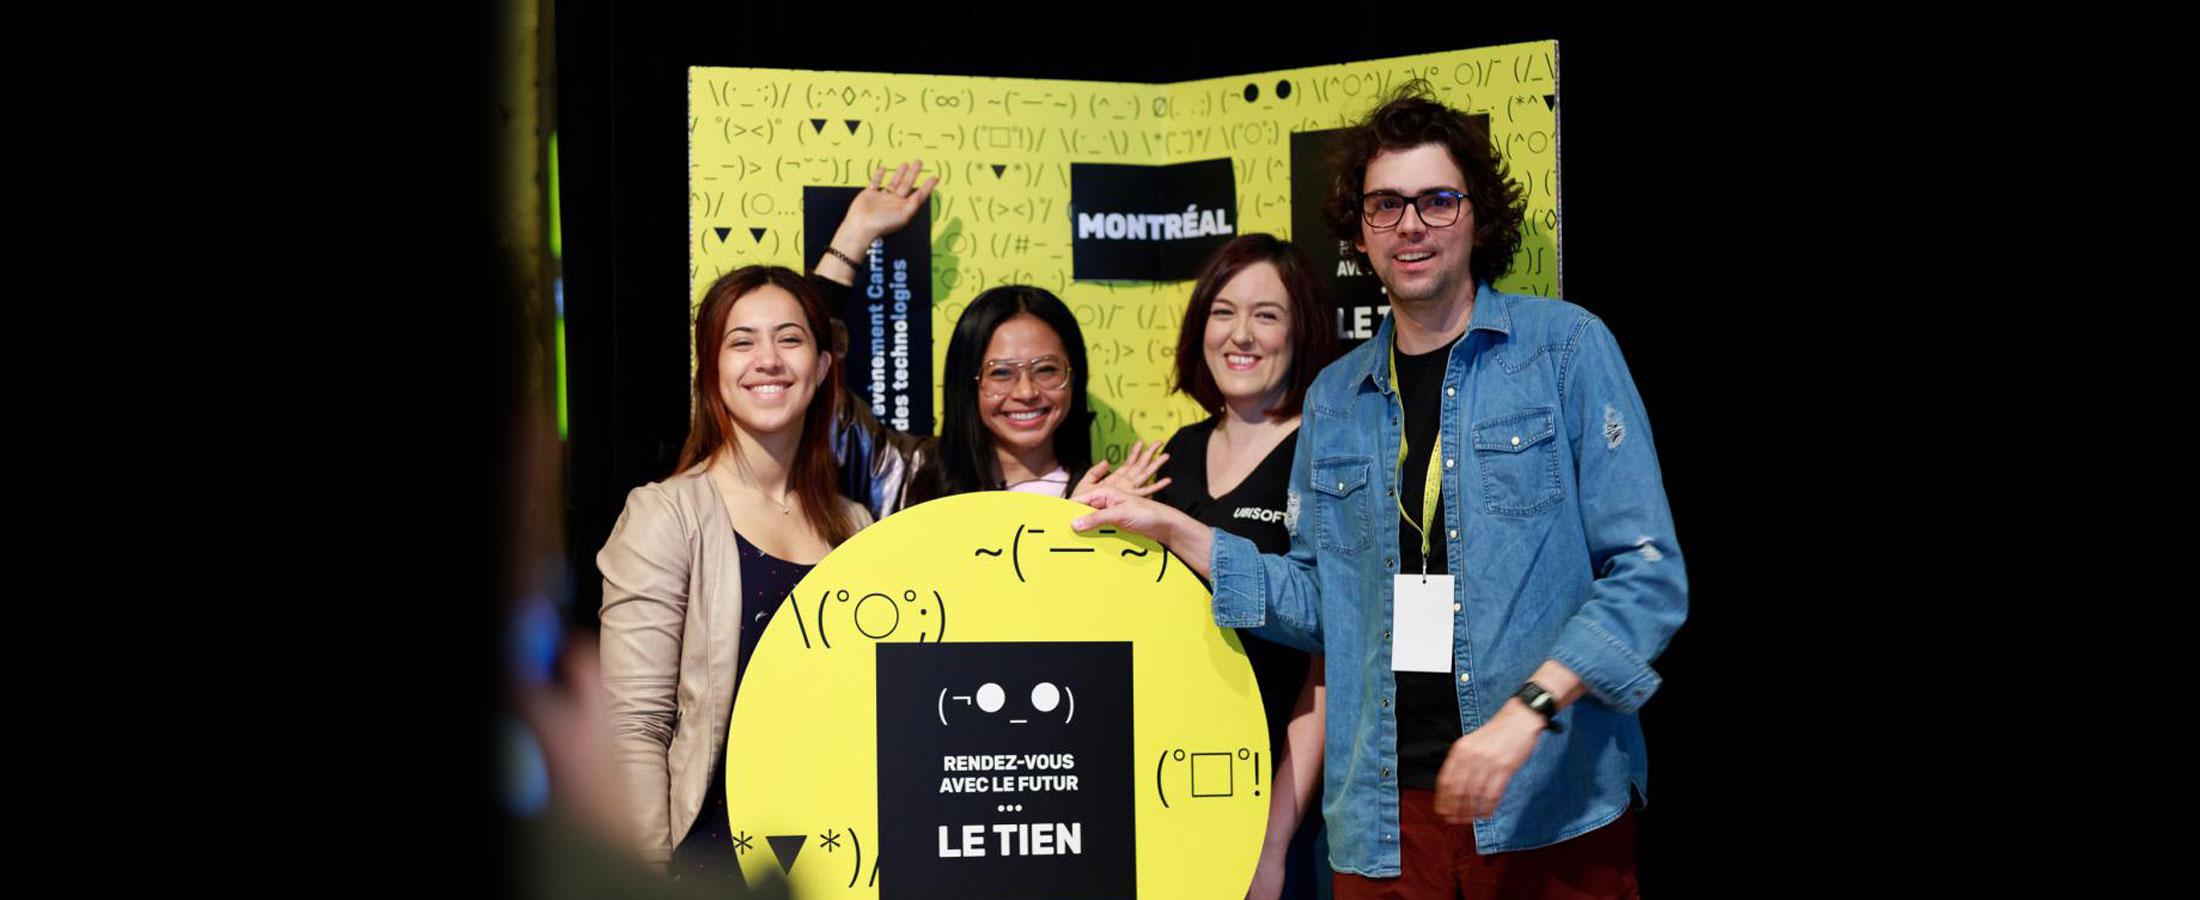 La première journée #Teknotek! édition Montréal connait un grand succès !